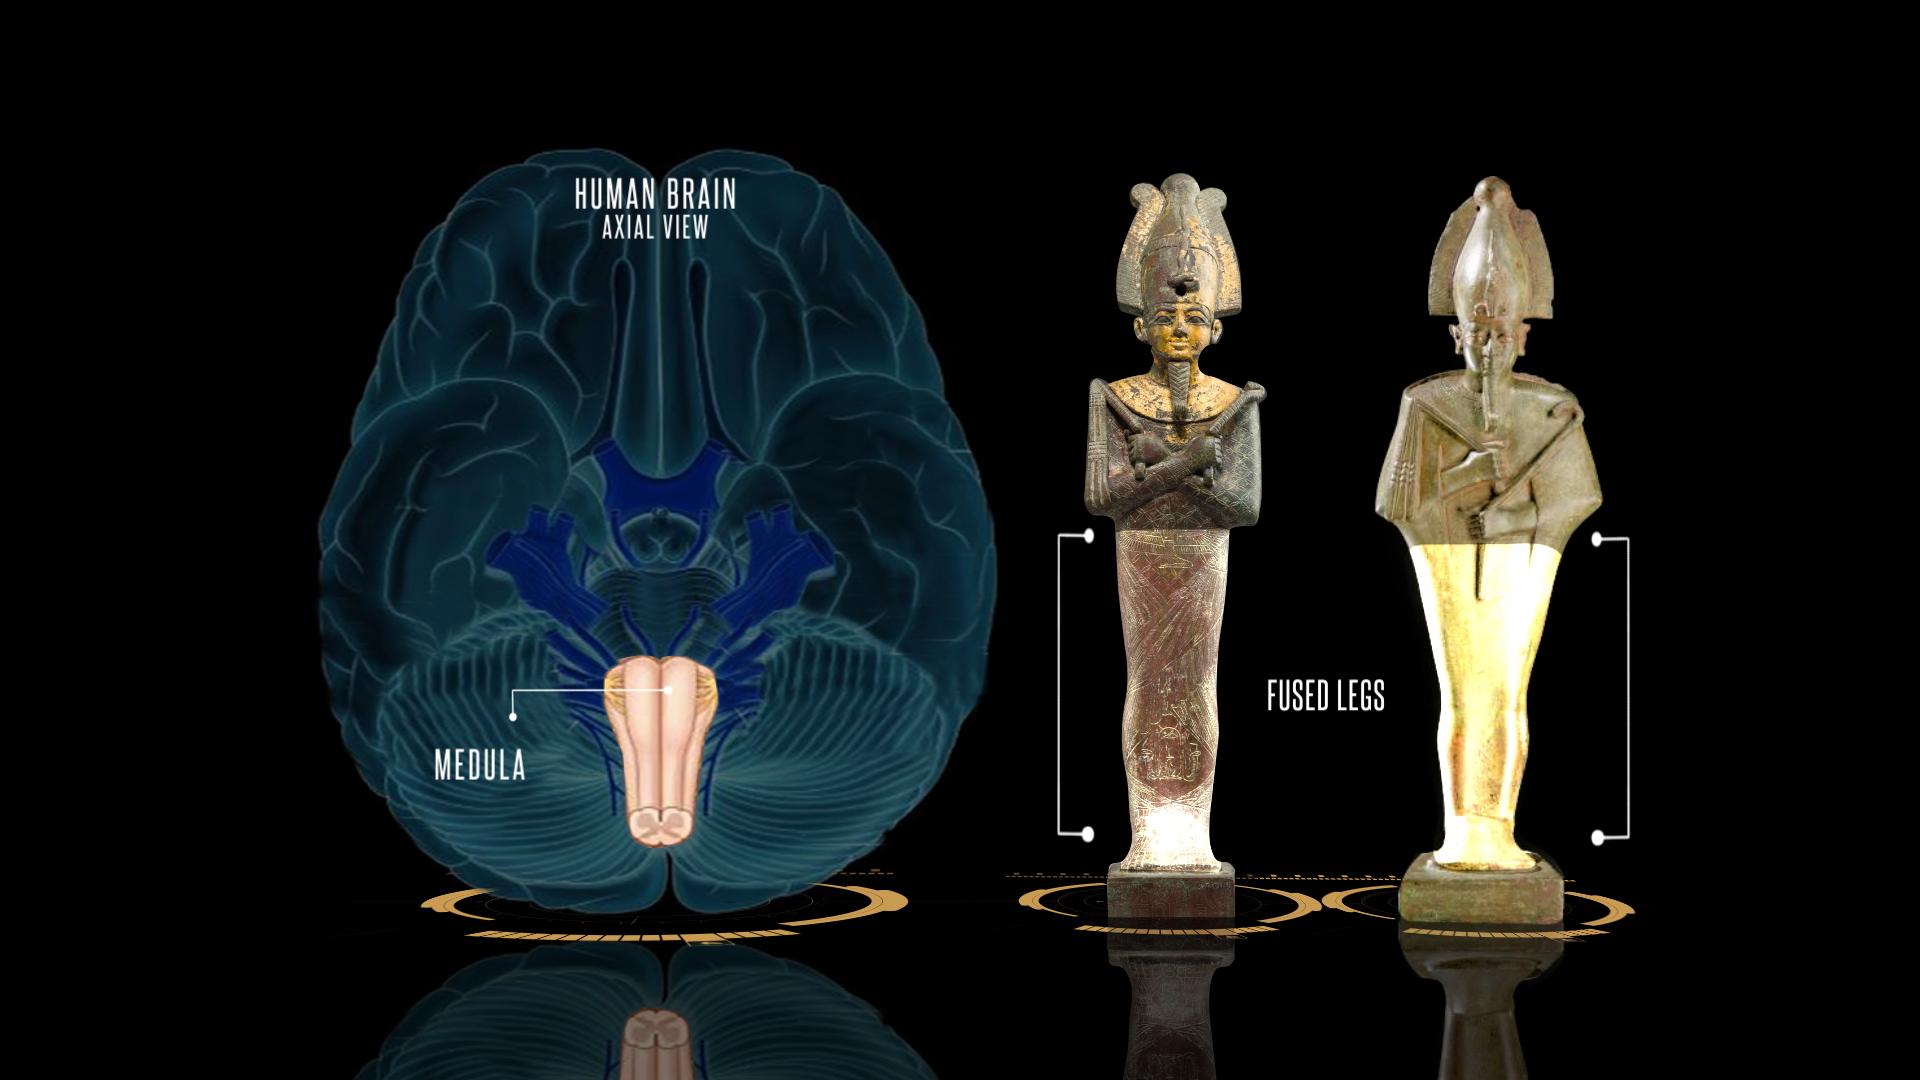 osiris medula fused legs target.jpg